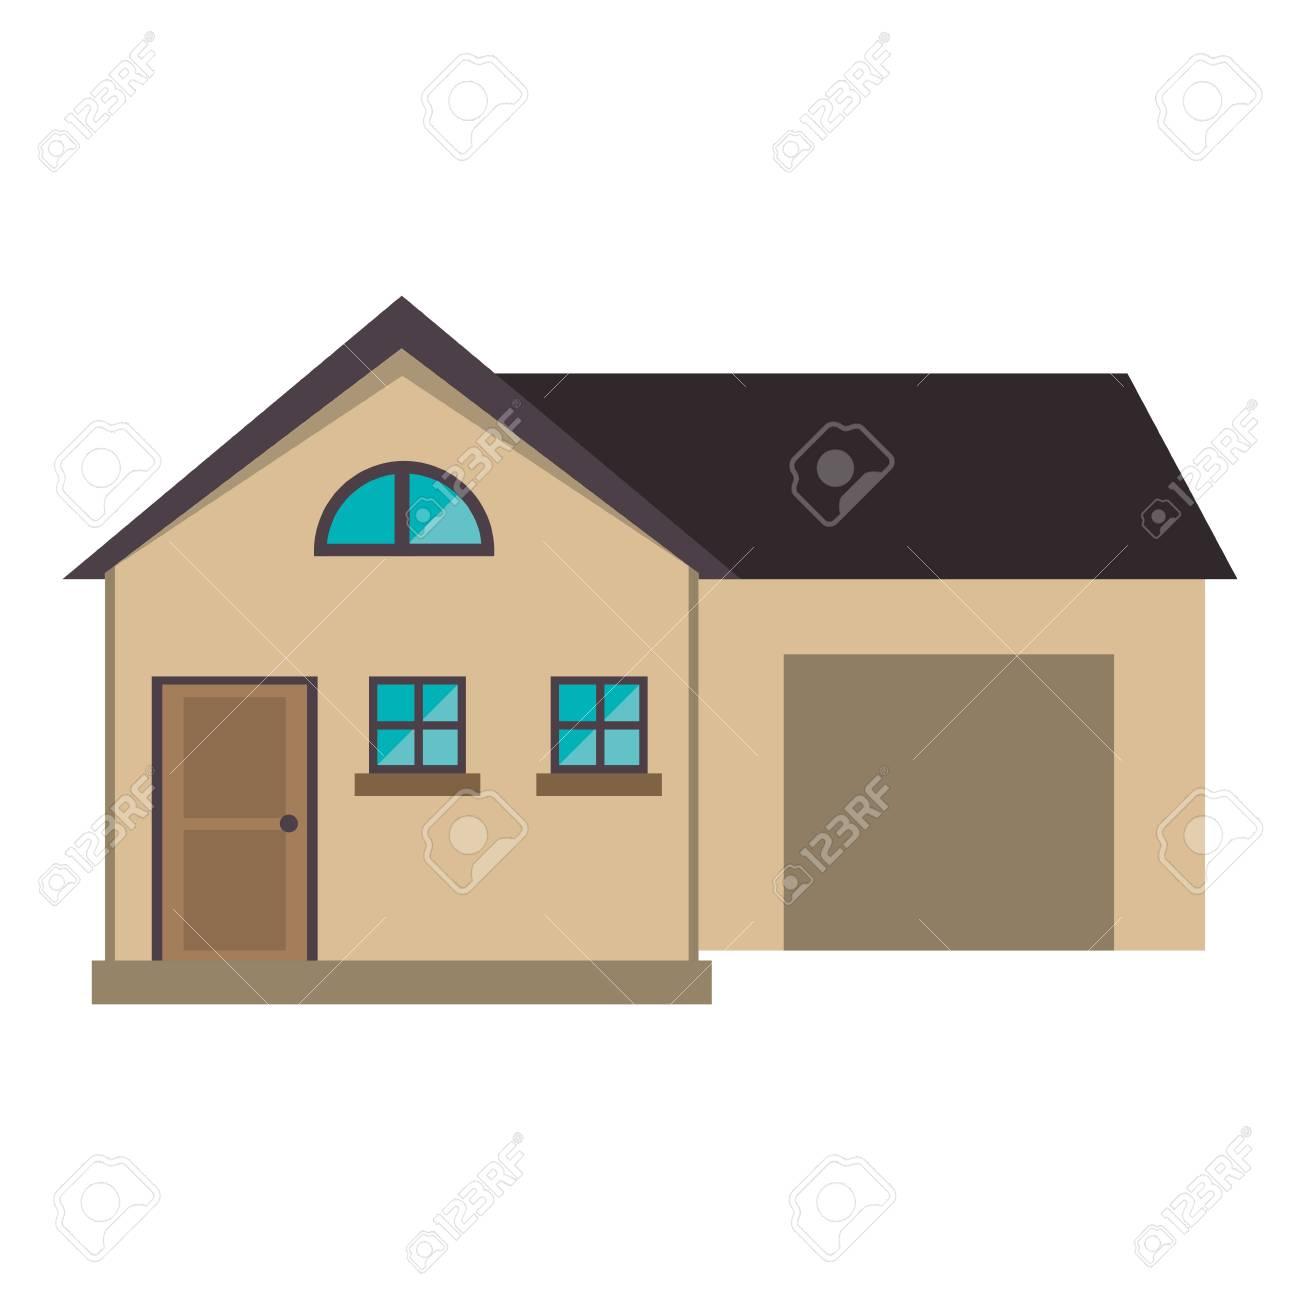 Banque dimages style moderne de maison dessin animé avec garage vector illustration eps 10